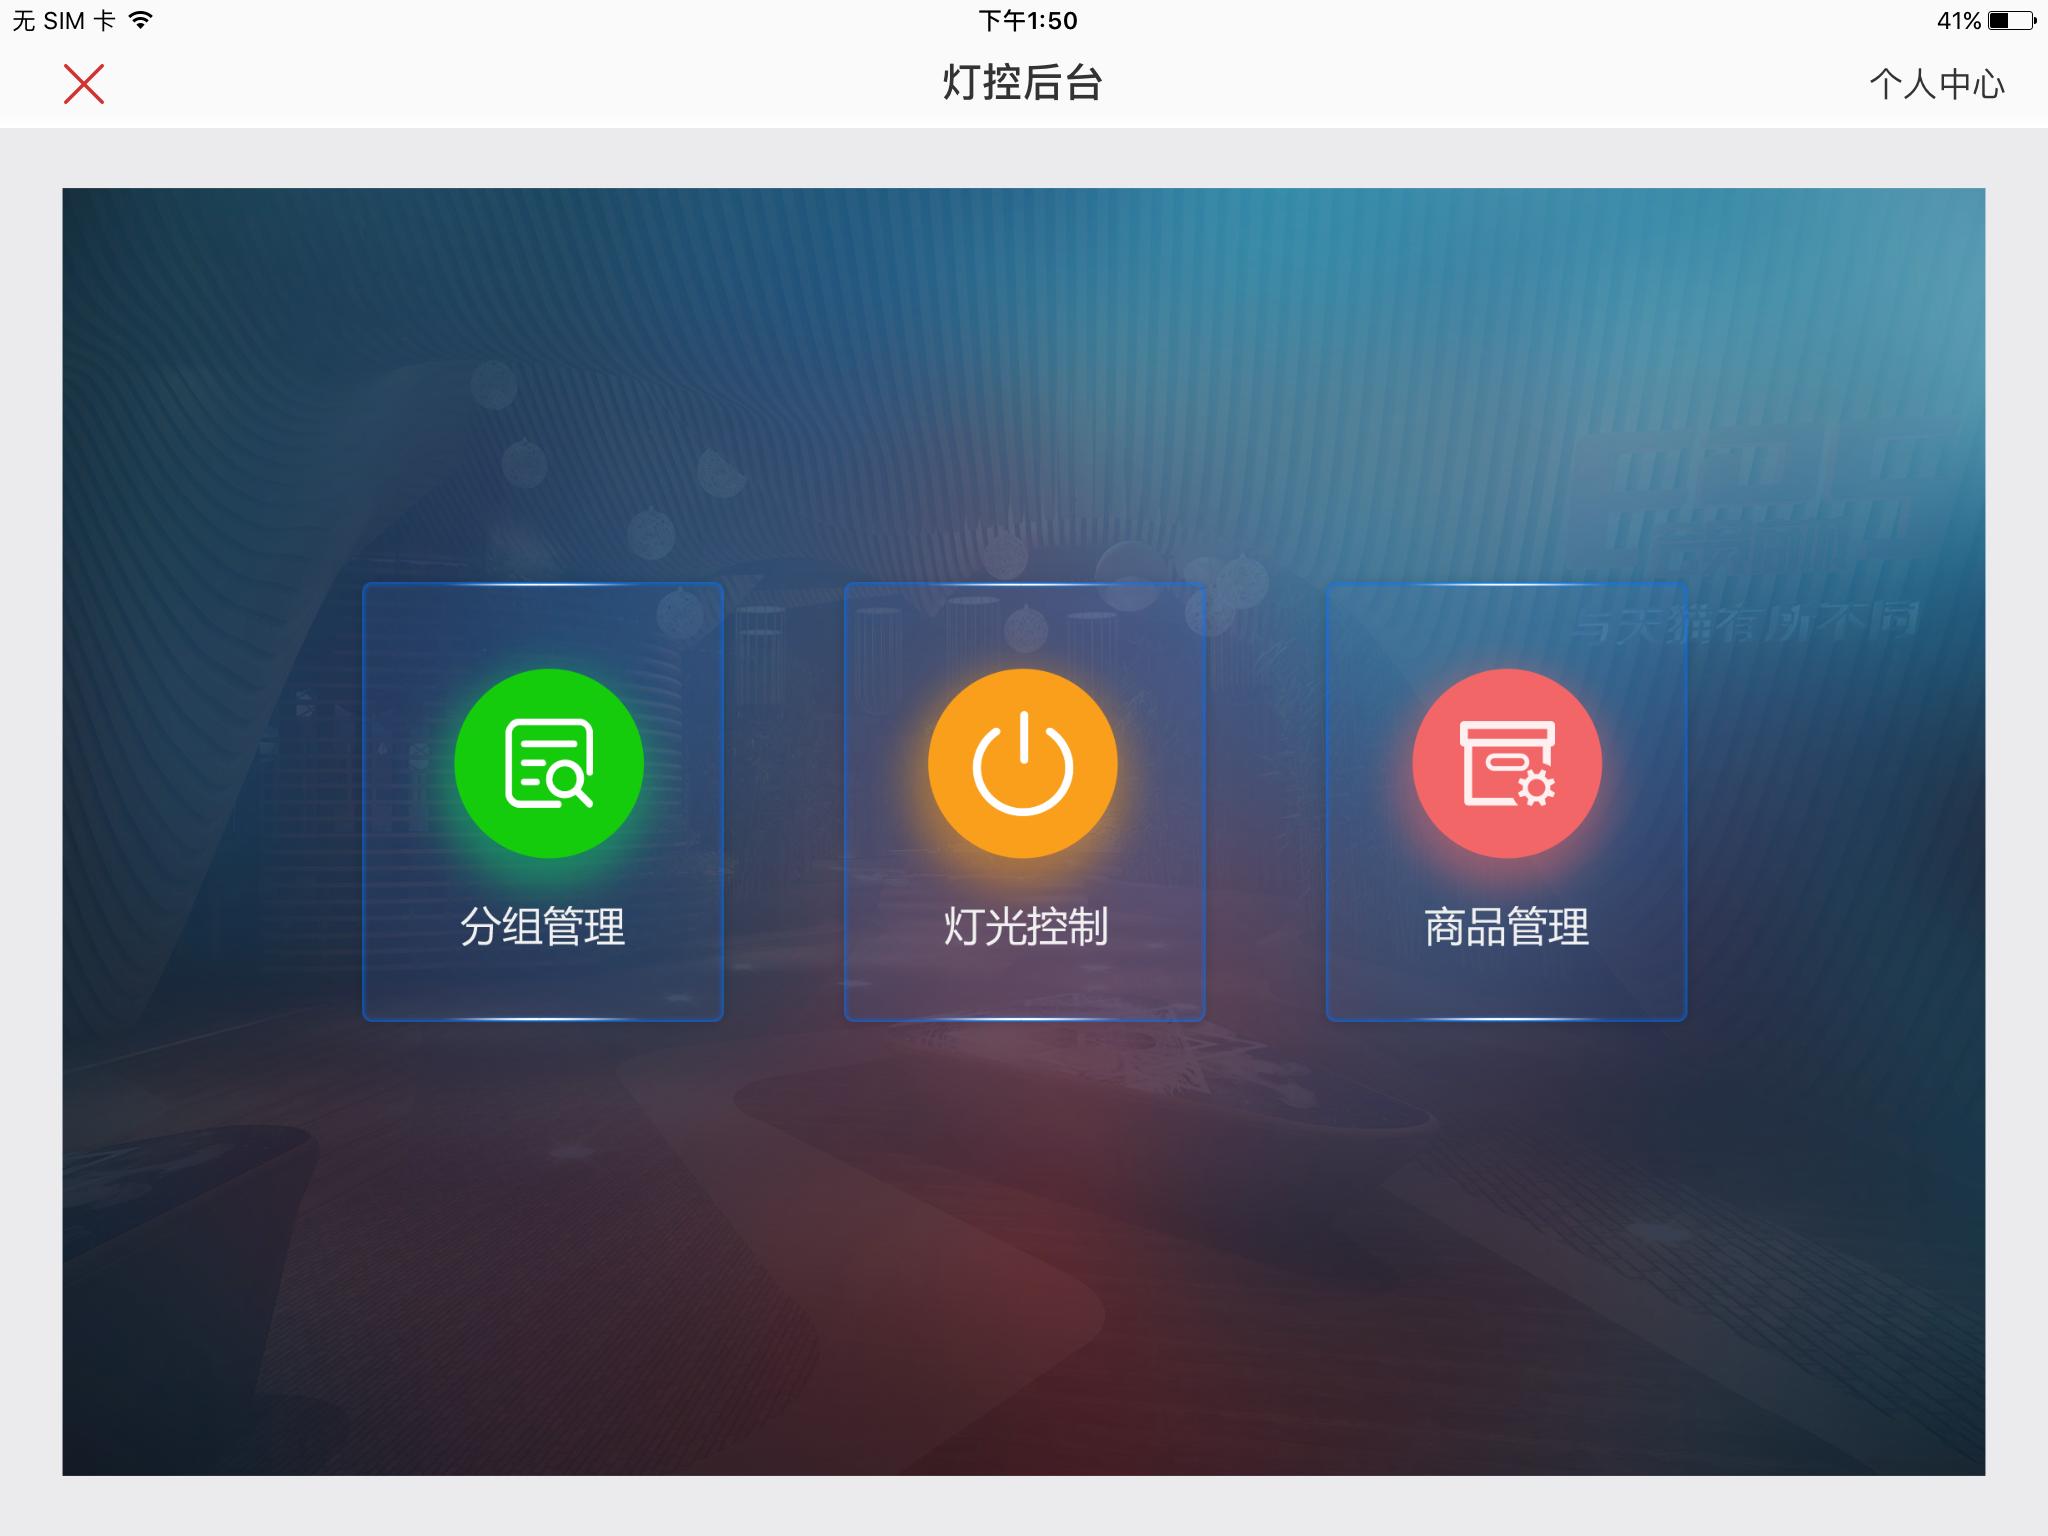 6、【智能销售系统】灯控设置